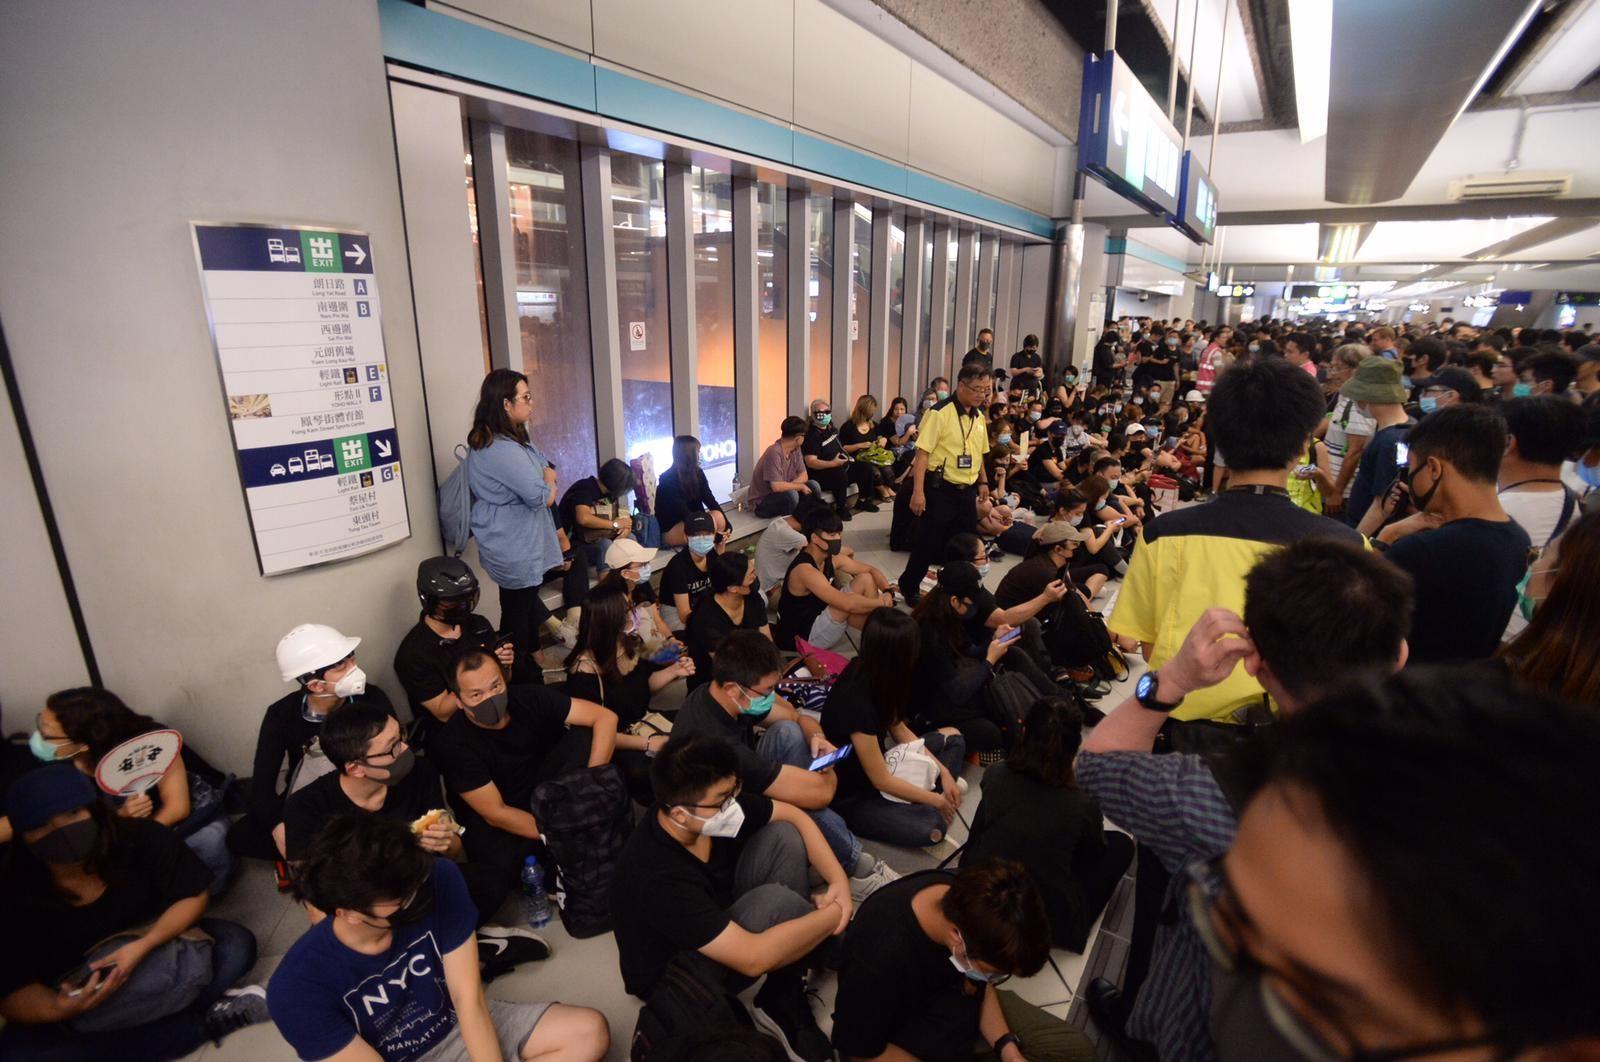 【元朗暴力】市民元朗西鐵站靜坐 商店提早關門